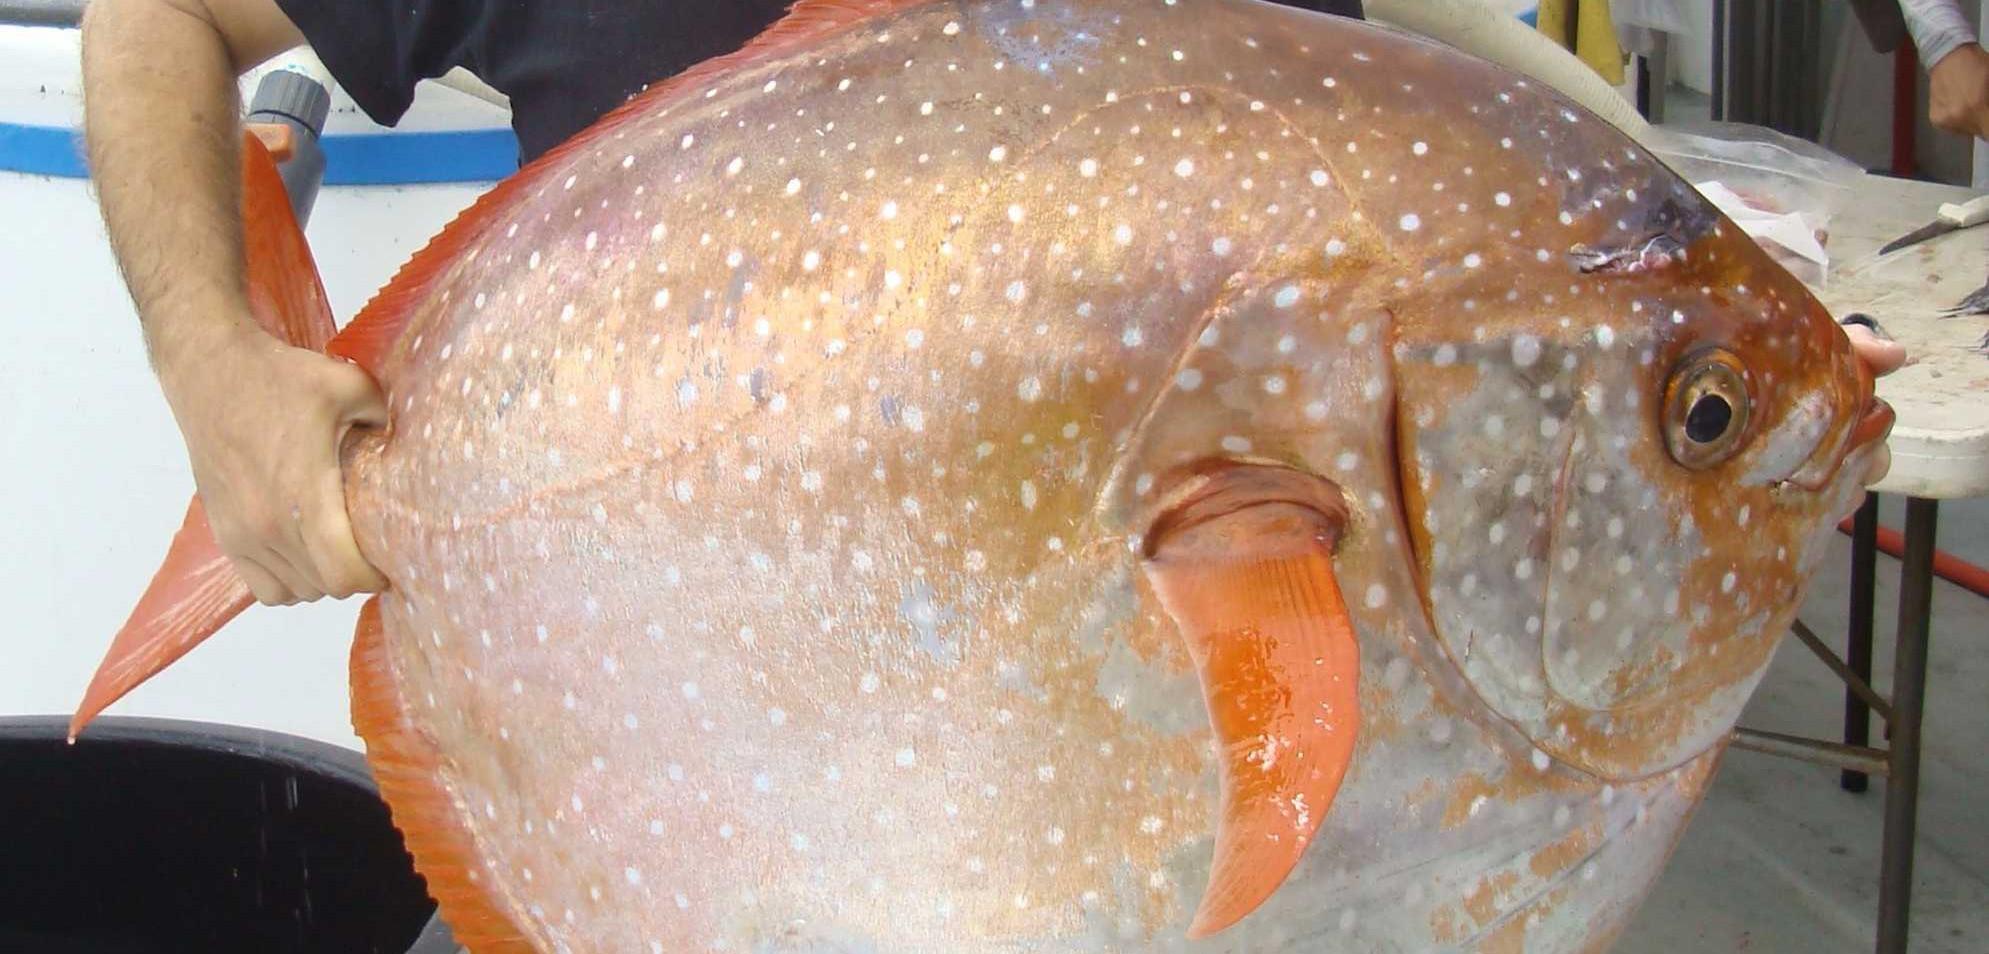 سمكة (الأوباه) تنضم إلى قائمة الحيوانات ذوات الدم الحار